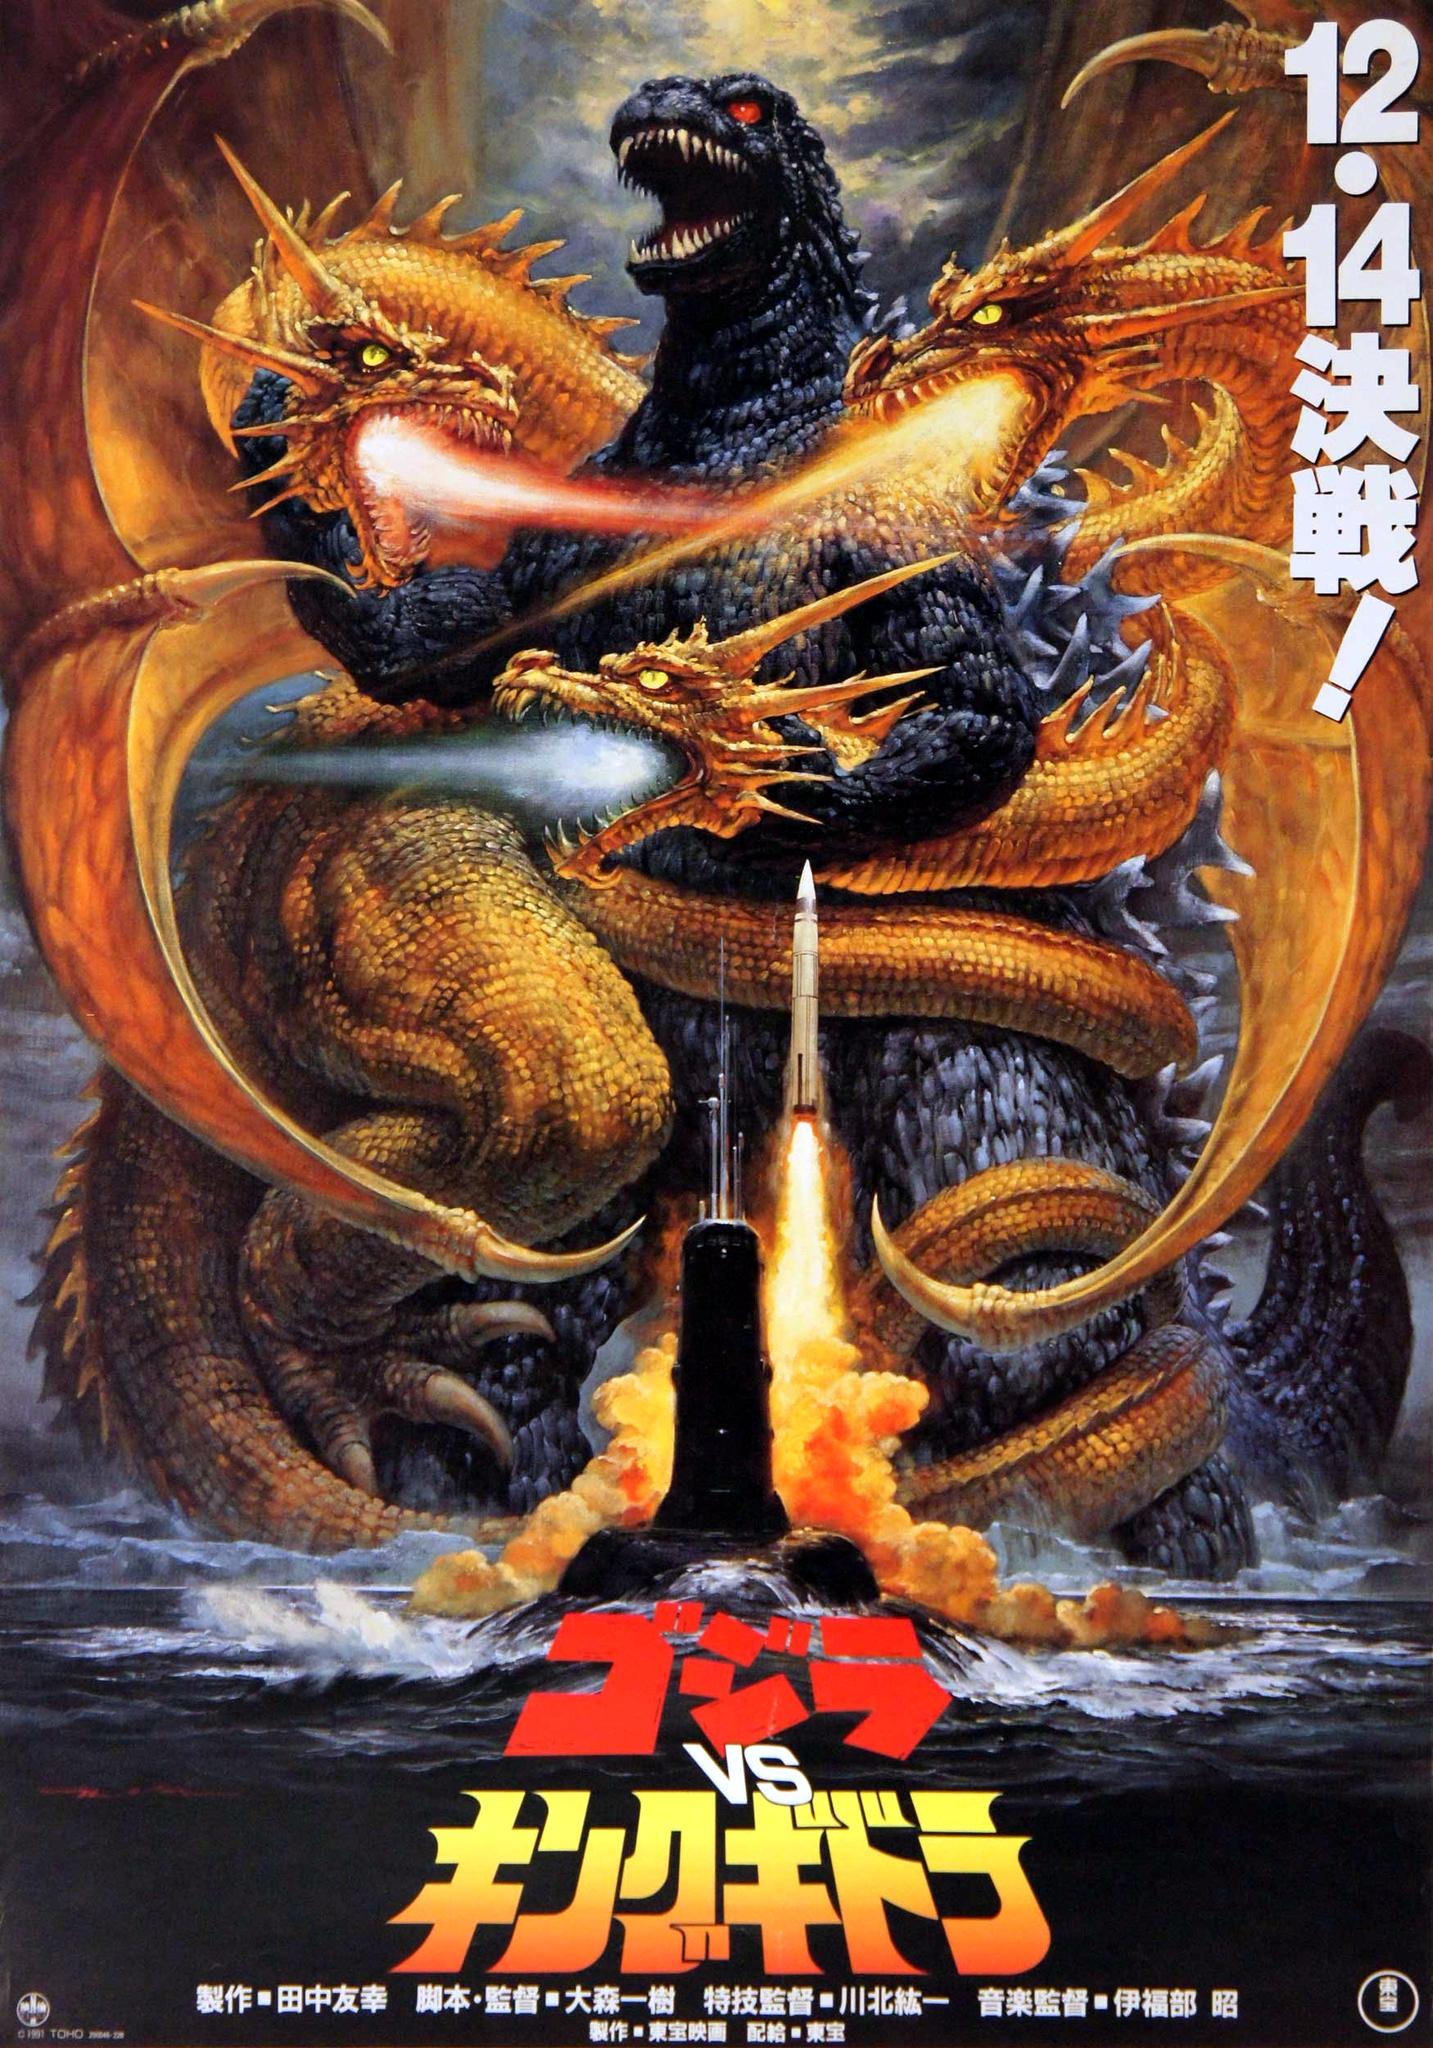 Godzilla vs. King Ghidorah kapak